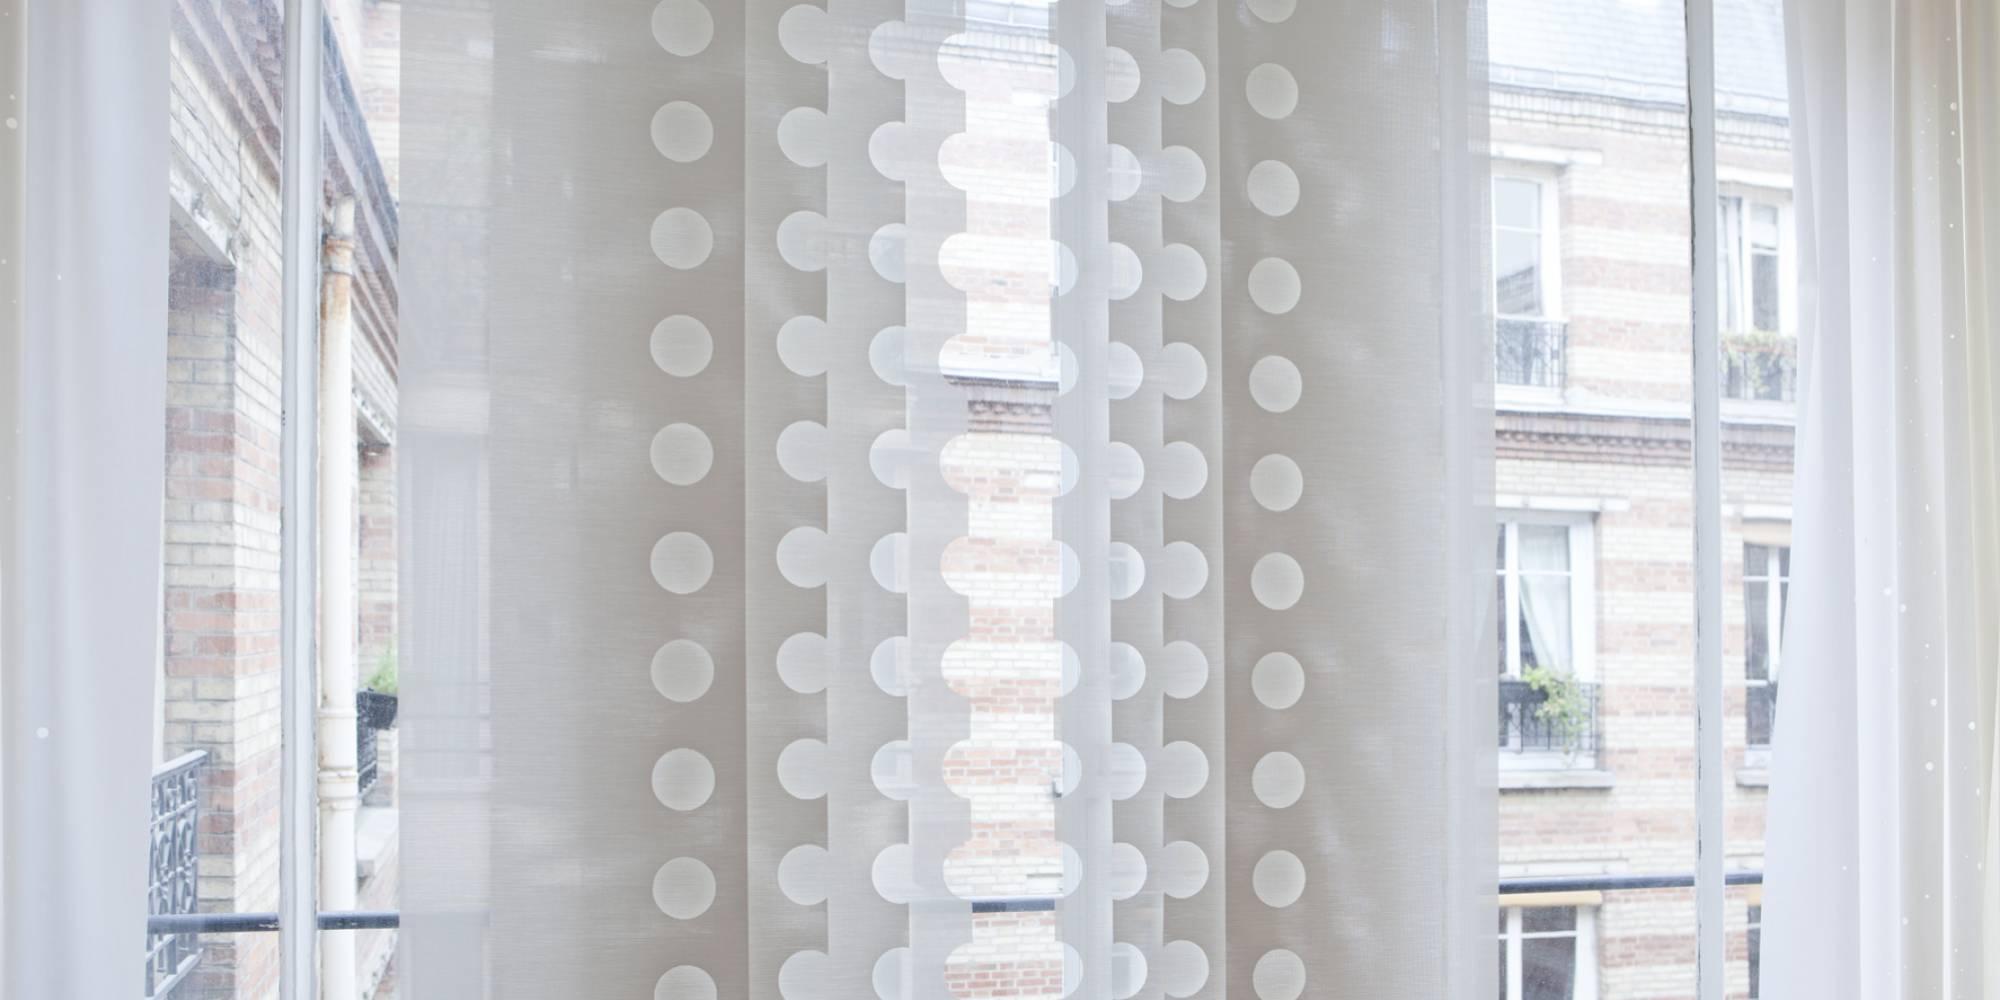 """Dessin """"le cahier"""" sur panneaux écrans solaire en habillage de fenêtre"""